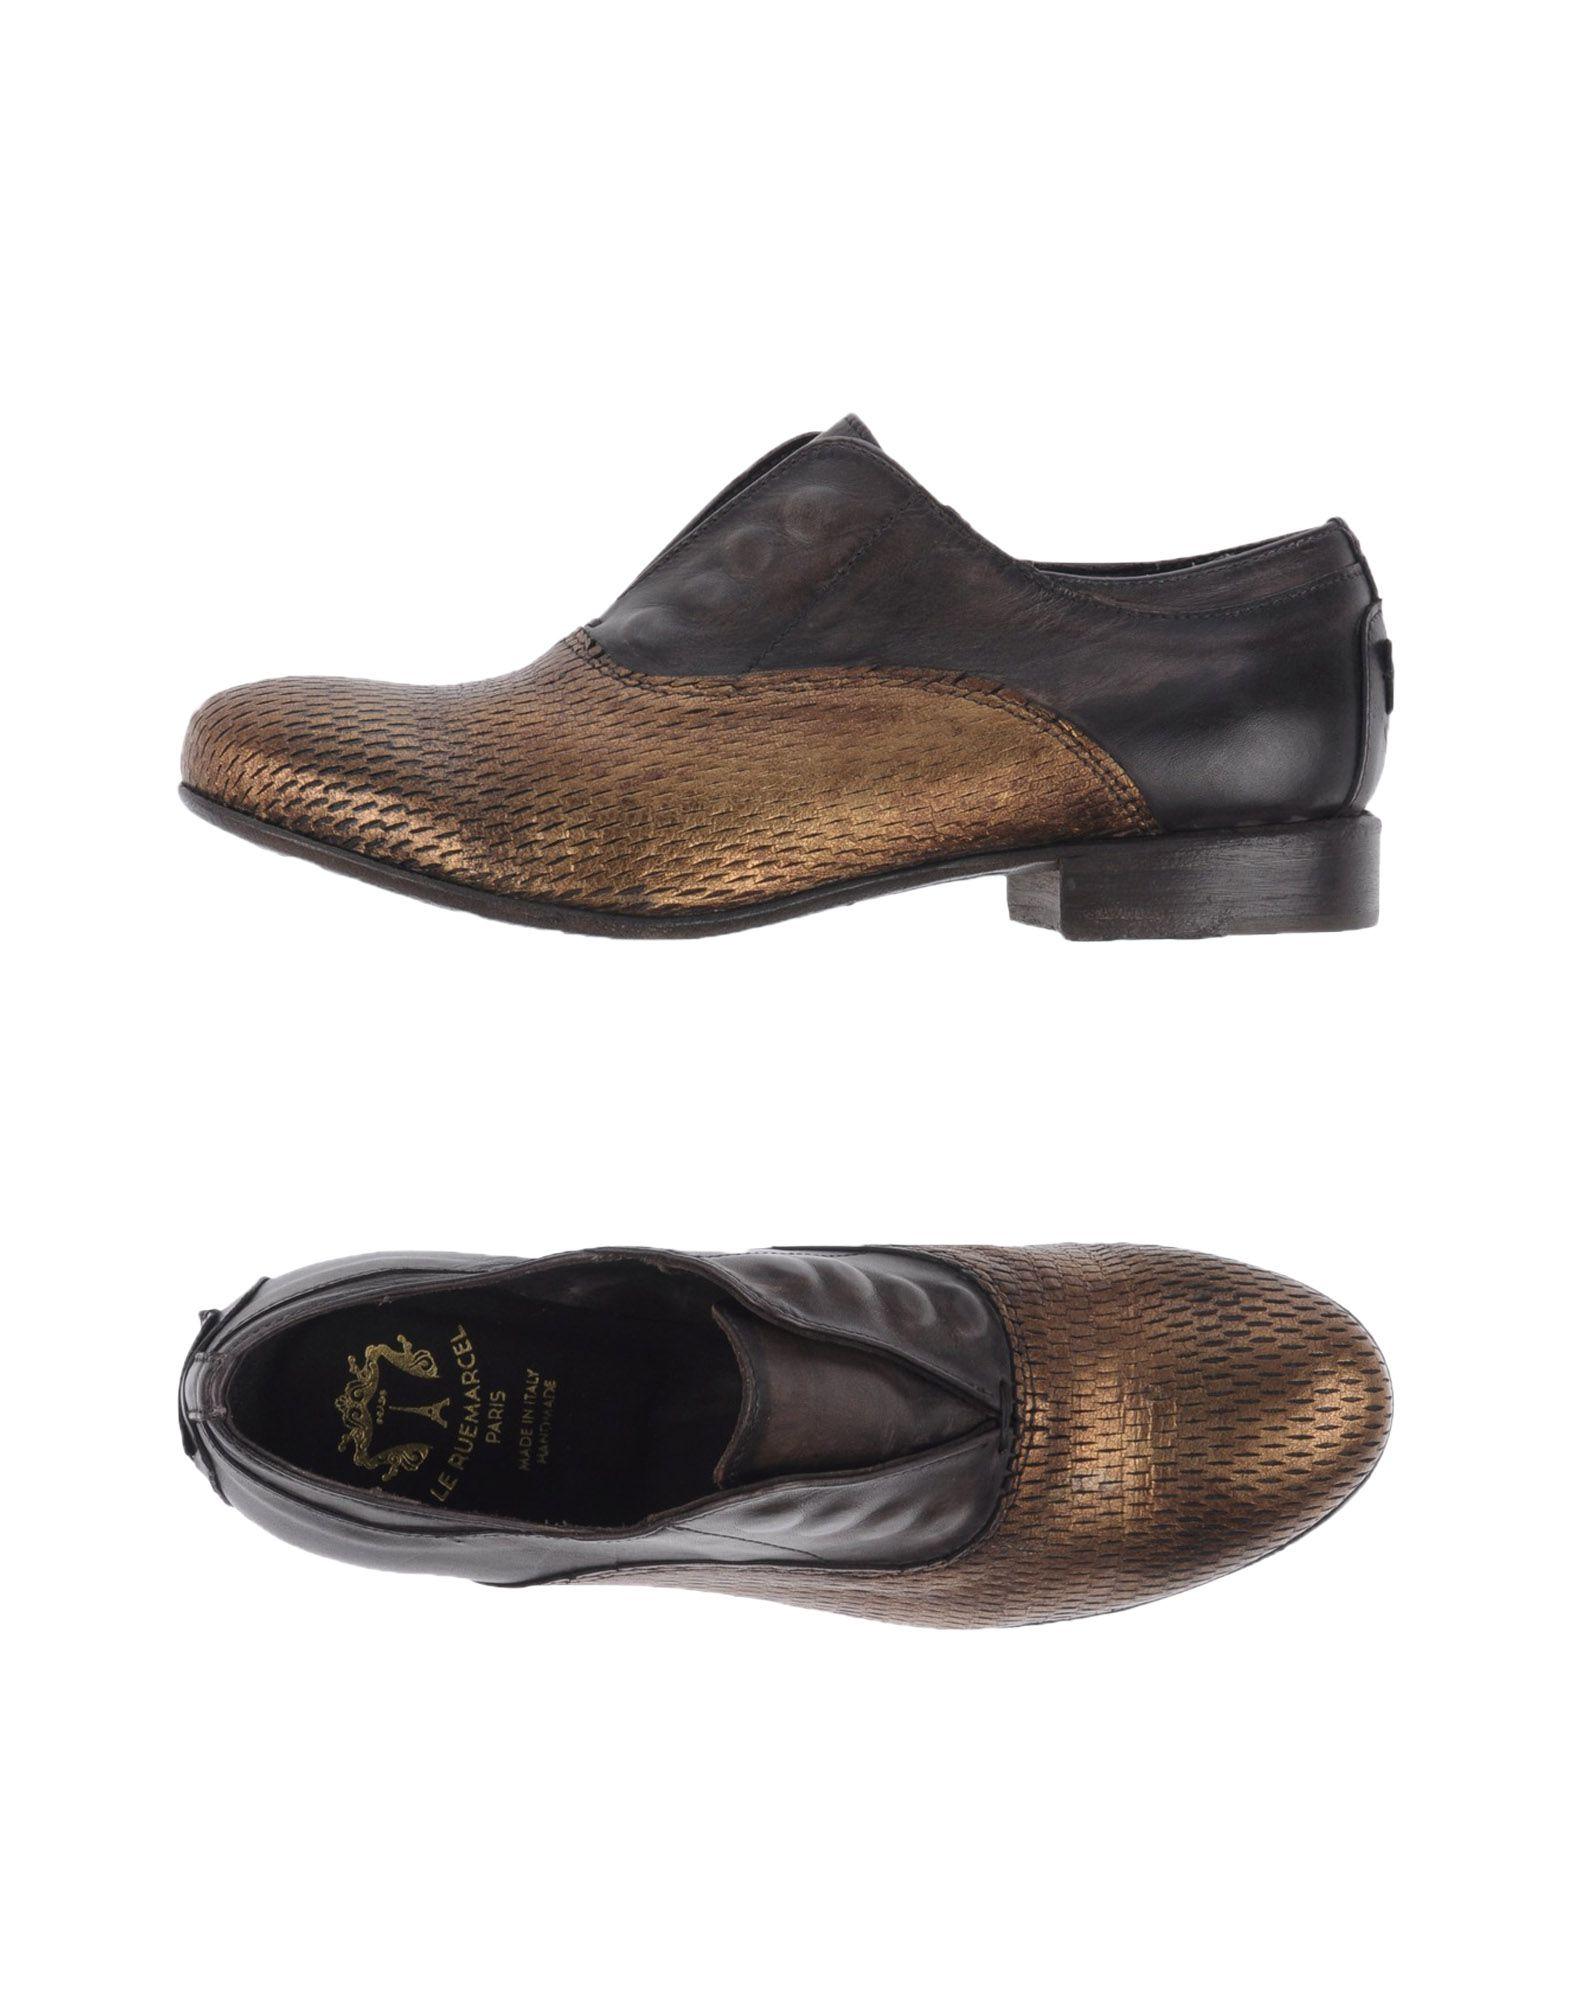 LE RUEMARCEL Loafers in Bronze